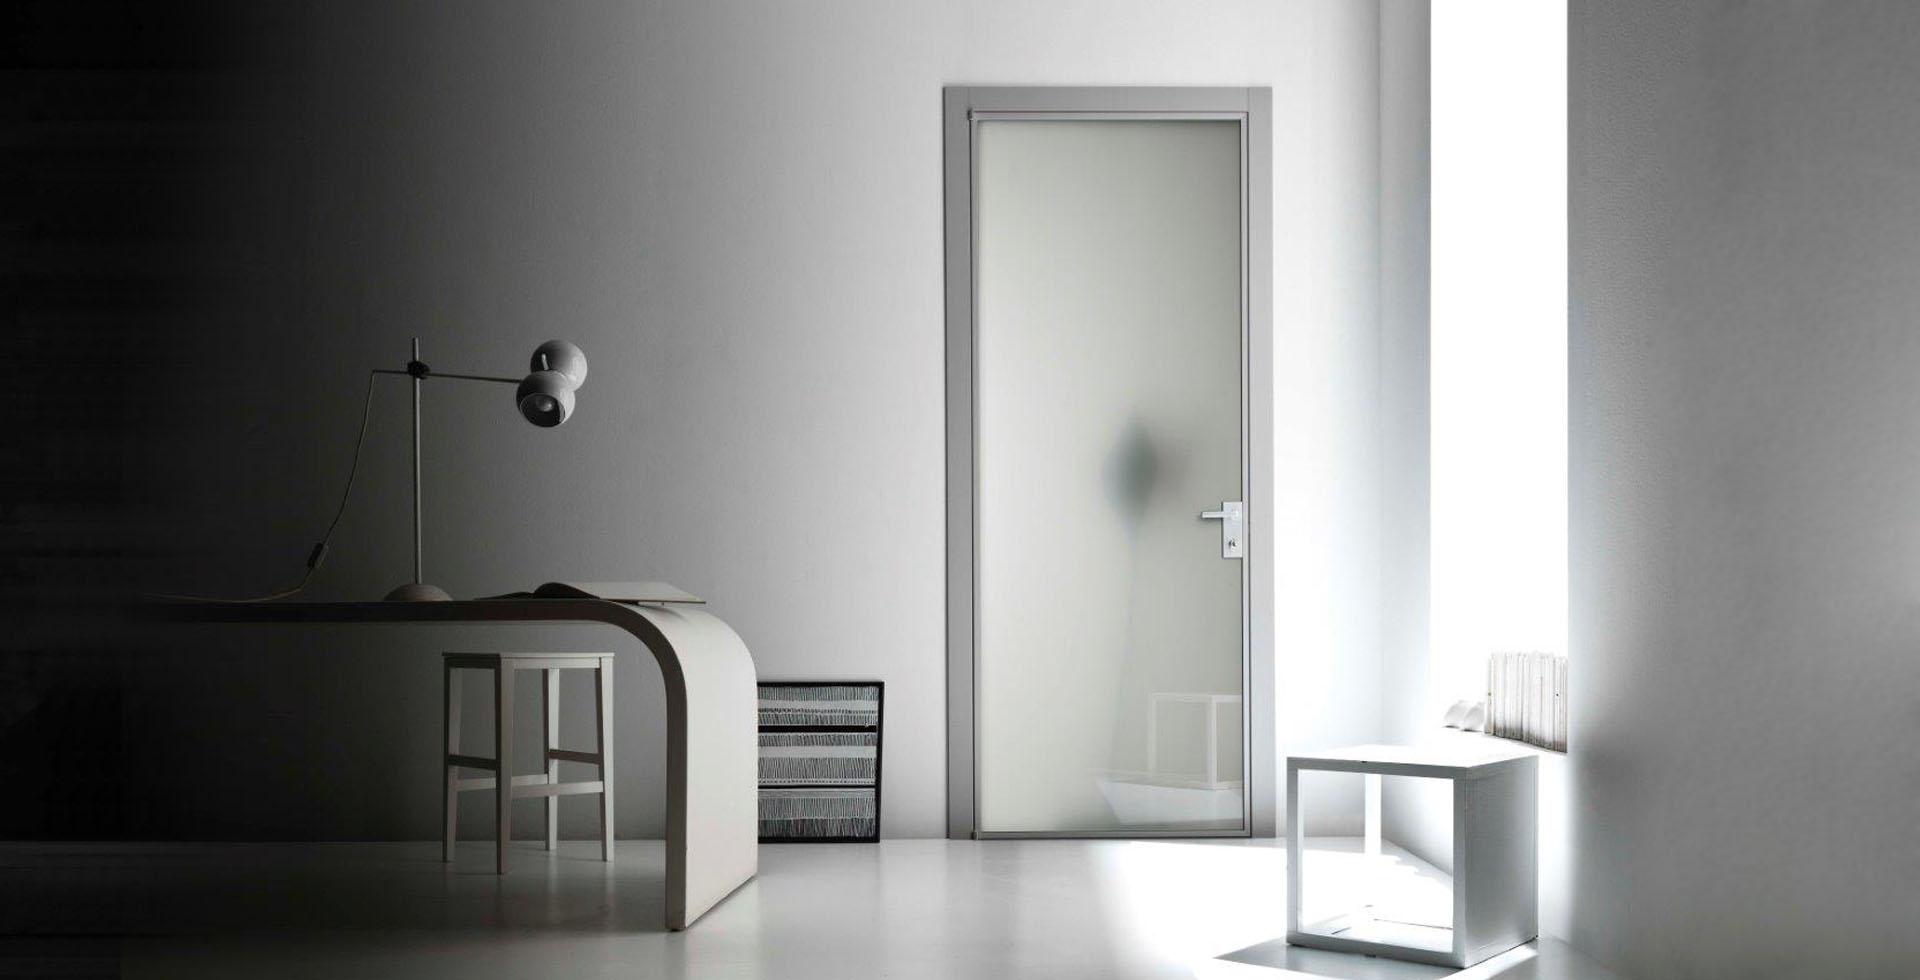 Normativa uni 7697 2014 criteri di sicurezza nelle applicazioni vetrarie soluzioni casa - Altezza parapetti finestre normativa ...